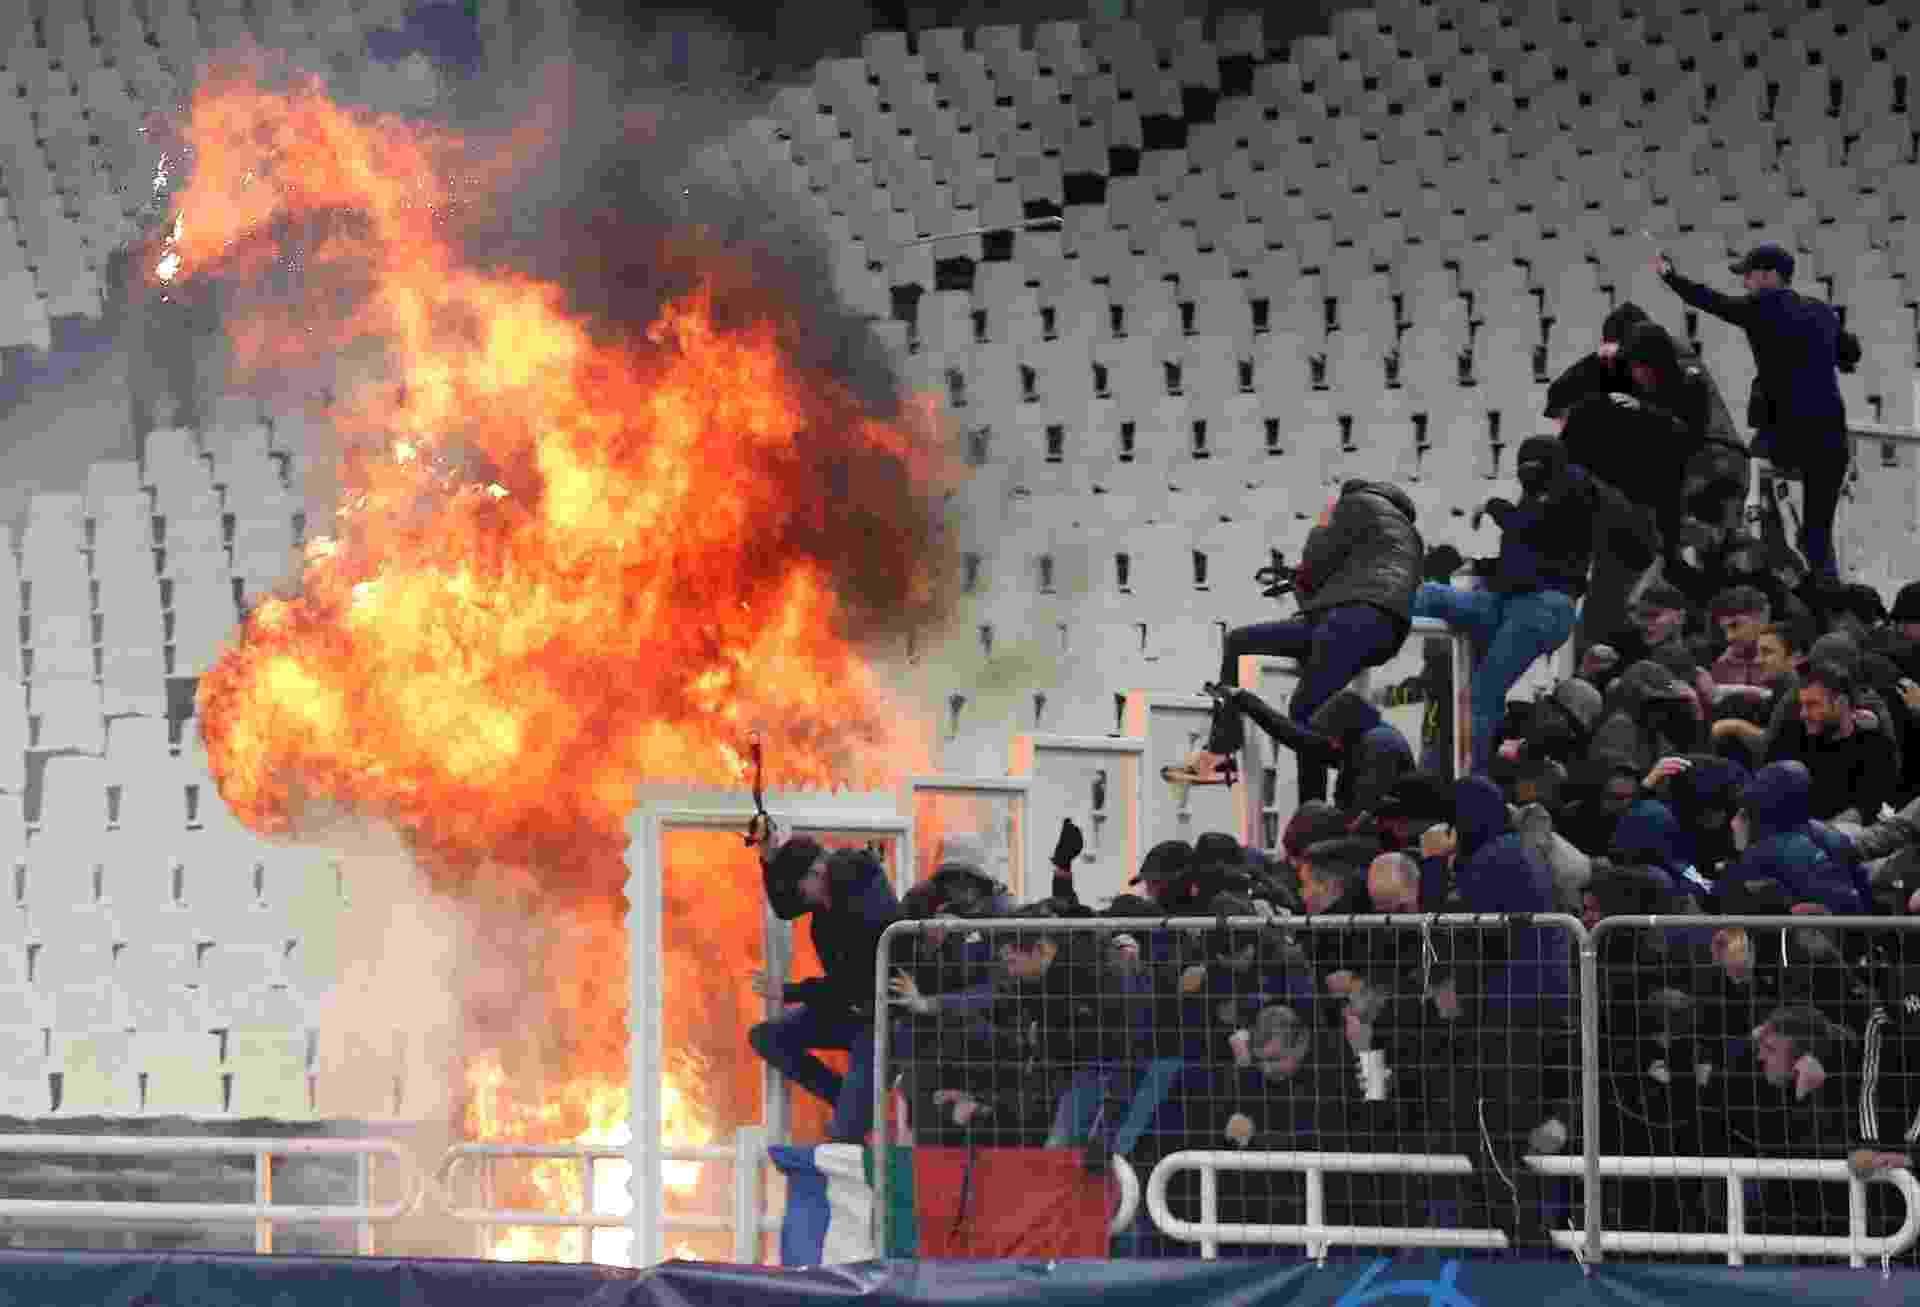 Torcedores do Ajax se protegem de ataque de torcedores do AEK Atenas antes de jogo na Grécia - Costas Baltas/Reuters